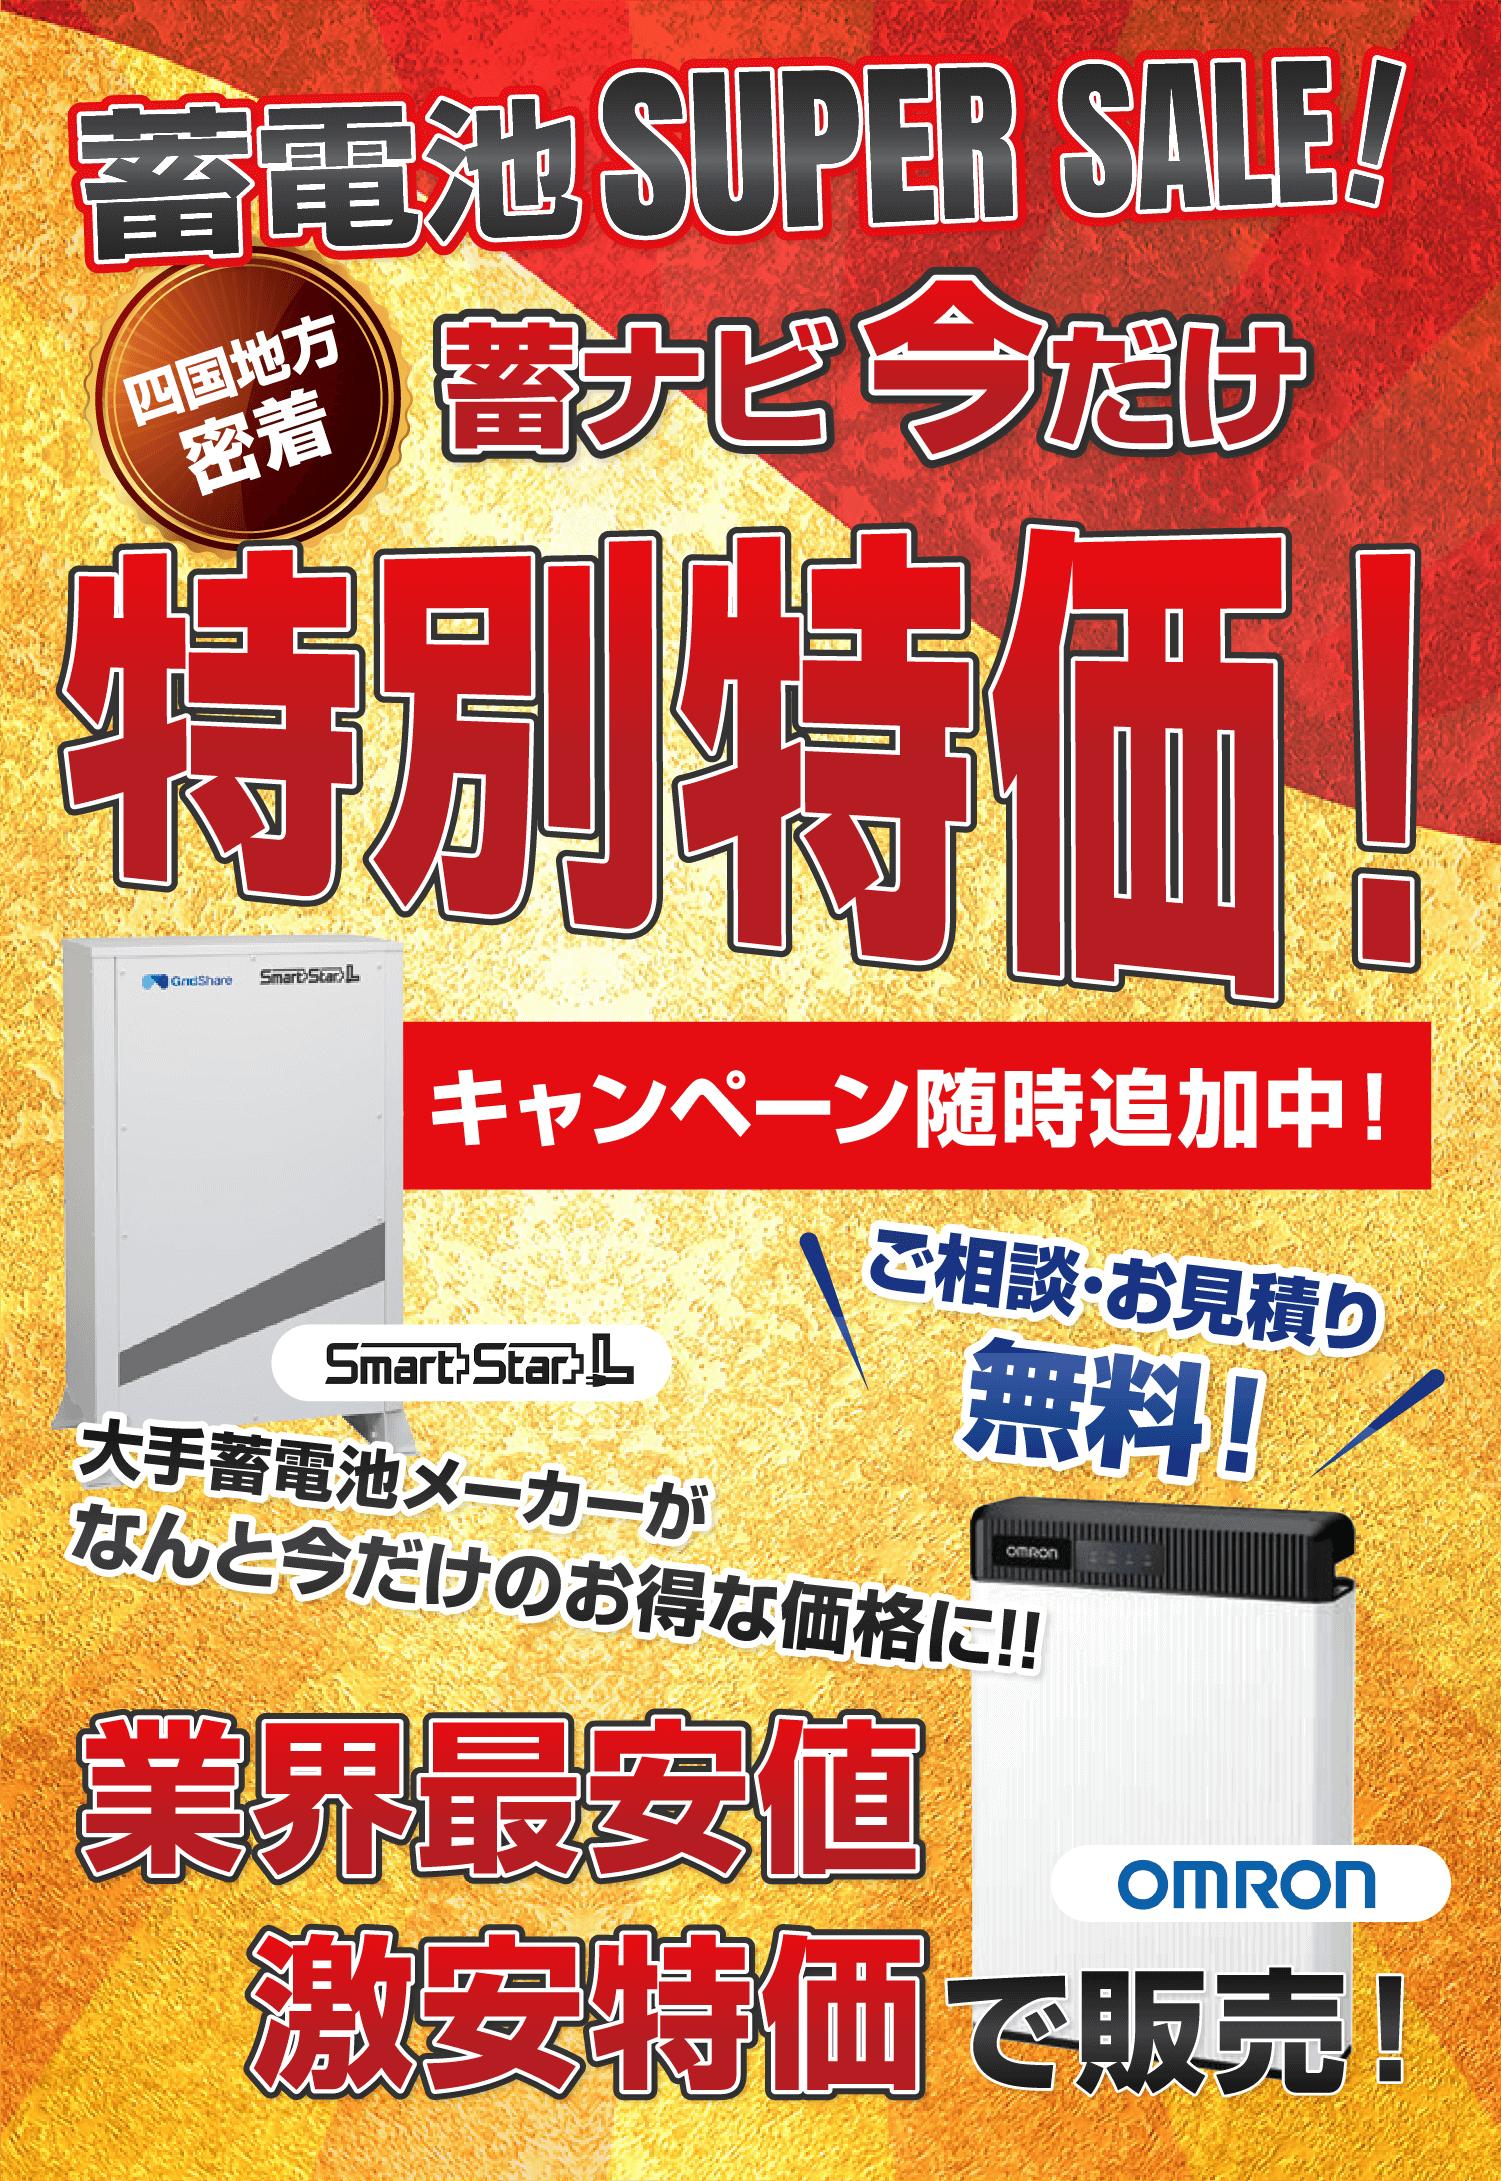 四国地方密着蓄電池SUPER SALE!蓄ナビ今だけ特別特価!